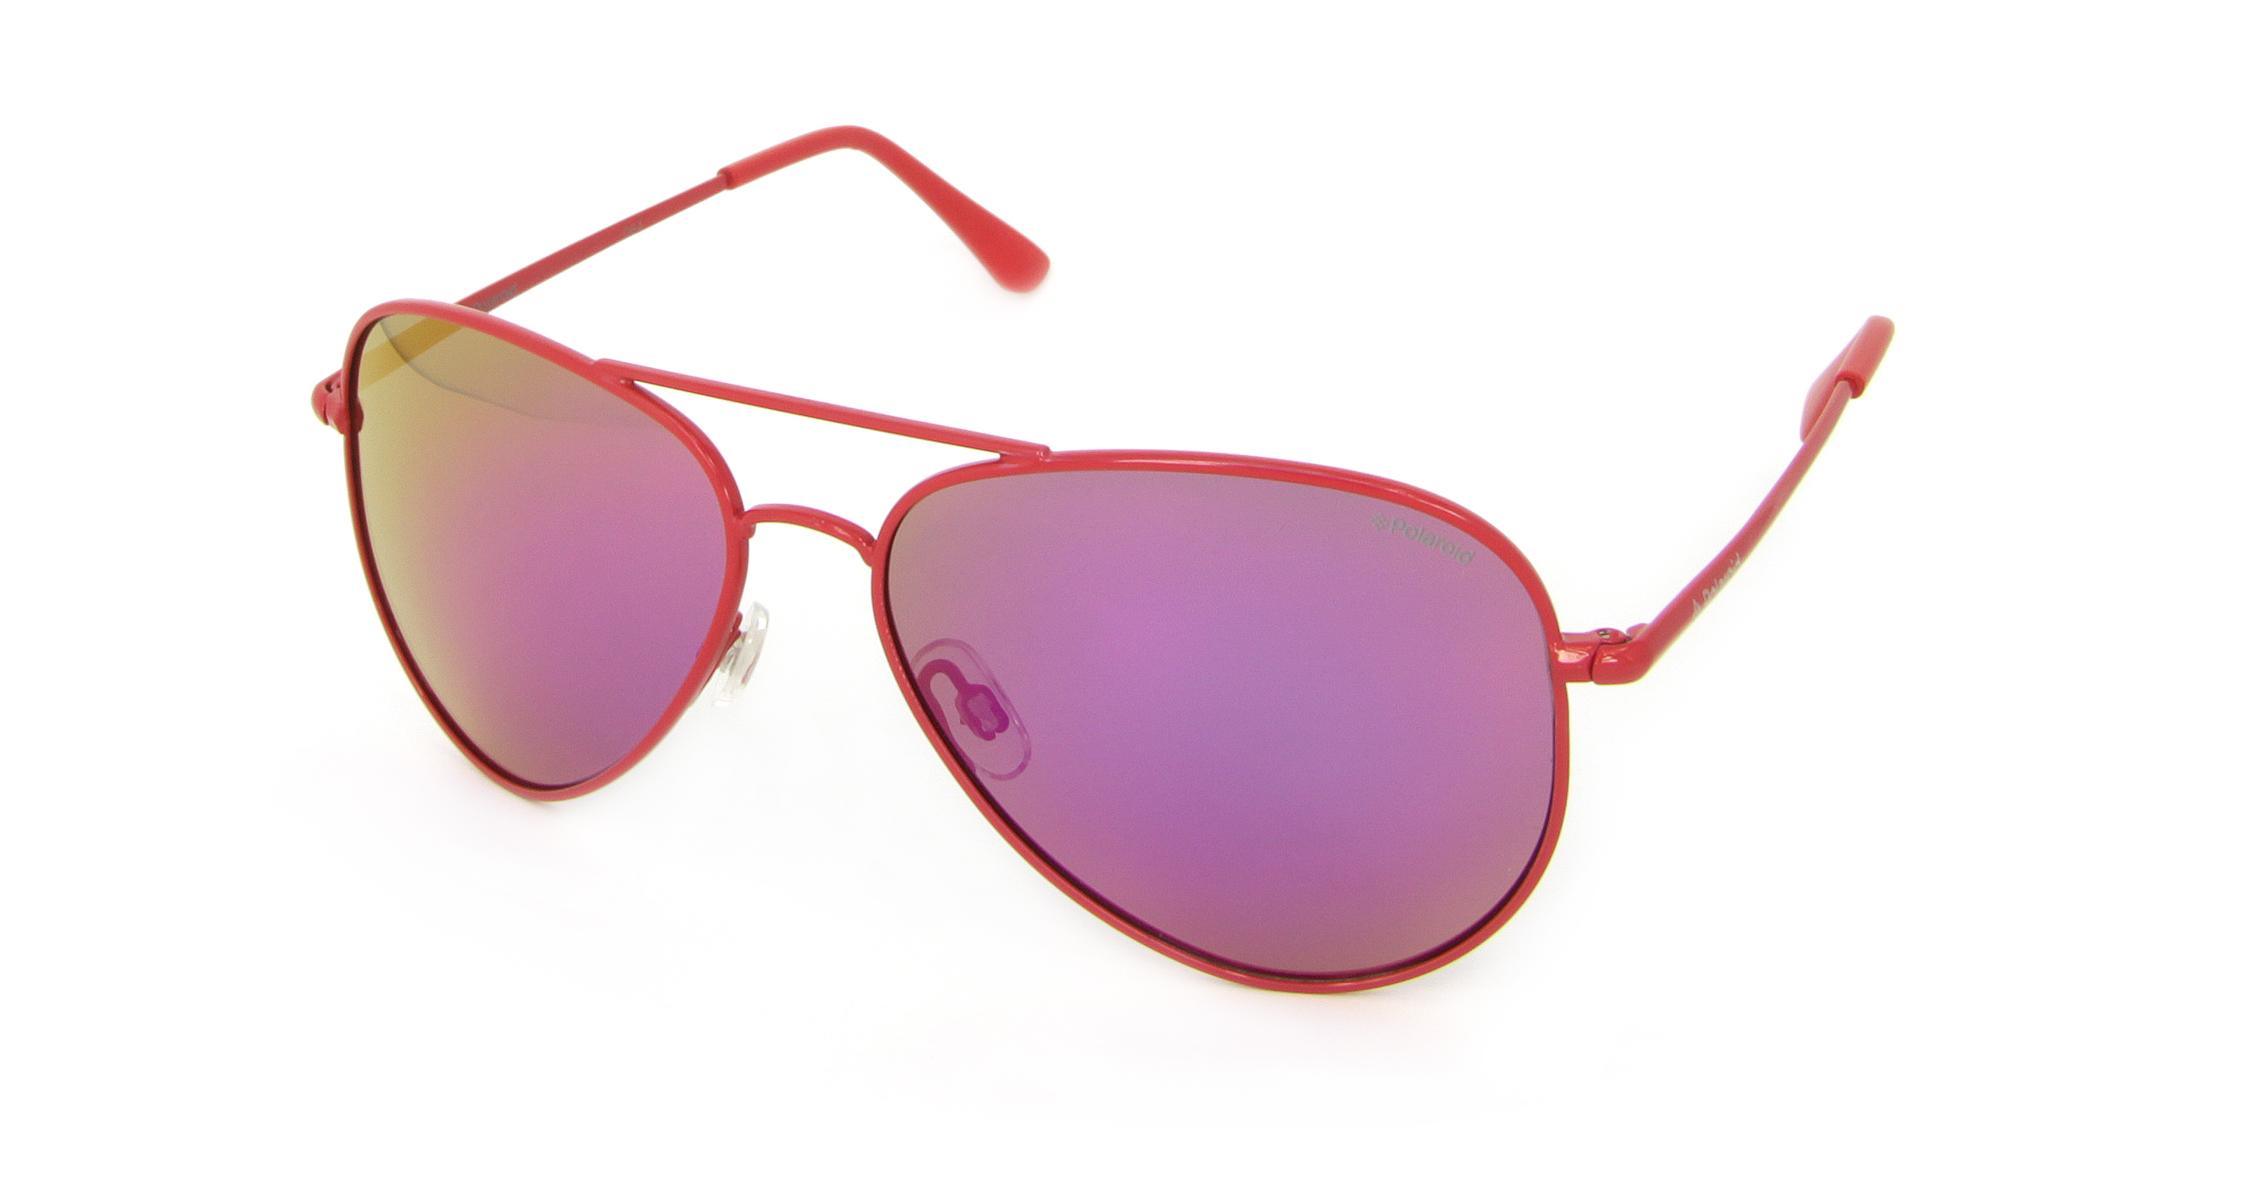 Polaroid очки поляризационные P4139LP4139LПоляризационные солнцезащитные очки Polaroid обеспечивают видение без бликов, 100%-ую защиту от ультрафиолетового излучения, естественные цвета, чистые контрасты и снижение усталости глаз. Все линзы обладают ударопрочными свойствами и стойкостью к царапинам для защиты Ваших глаз. Очки Polaroid - лучшие солнцезащитные очки с поляризационными линзами по доступным ценам.